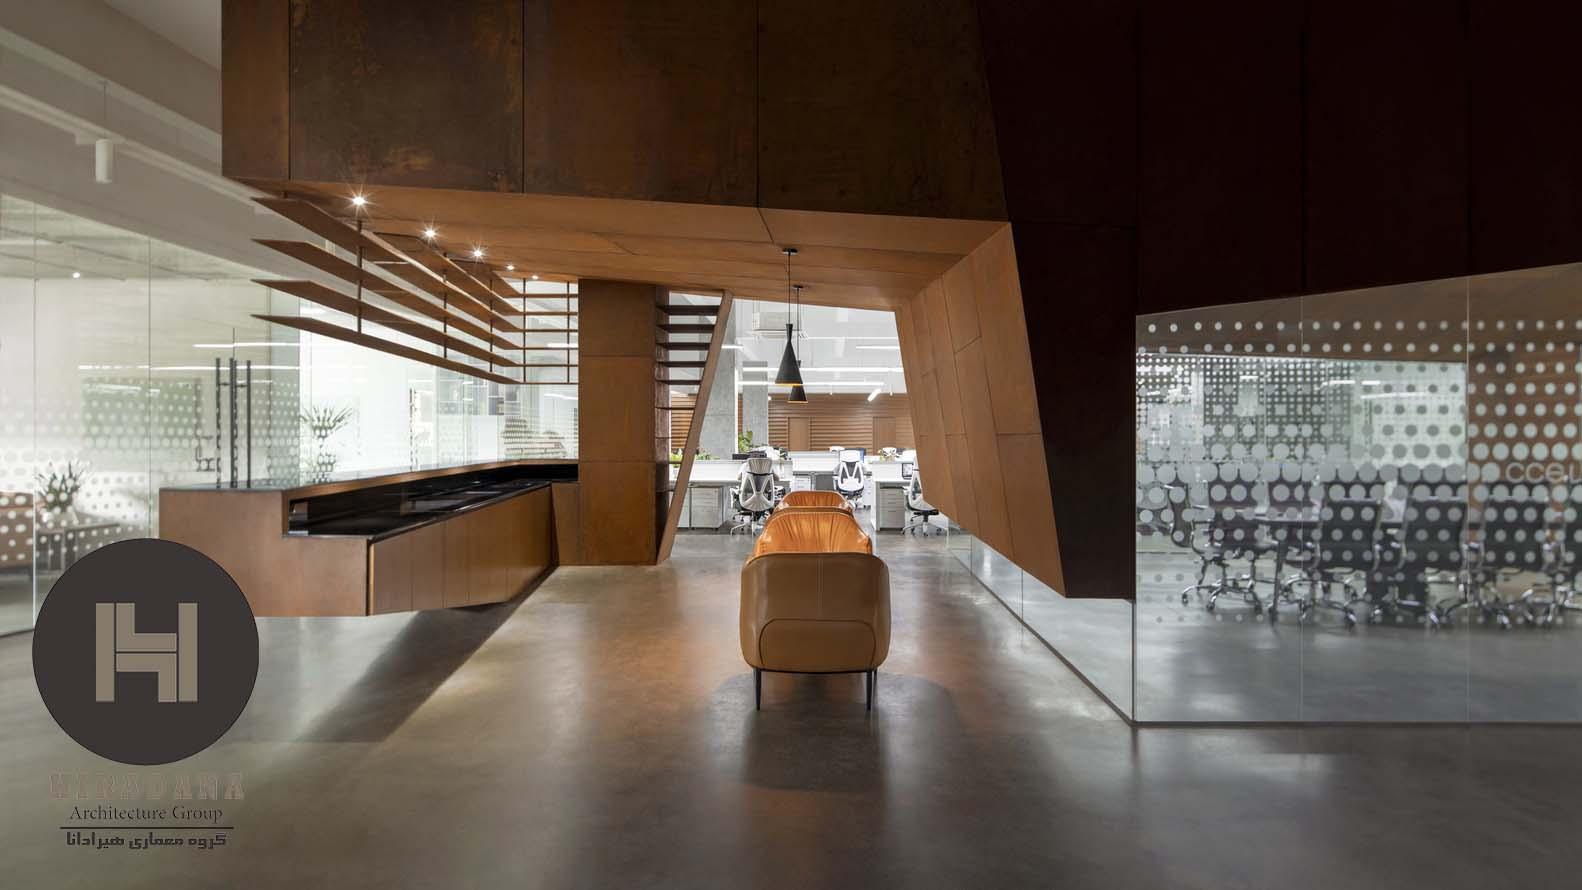 طراحی دکوراسیون اداری با ترکیب چوب و شیشه